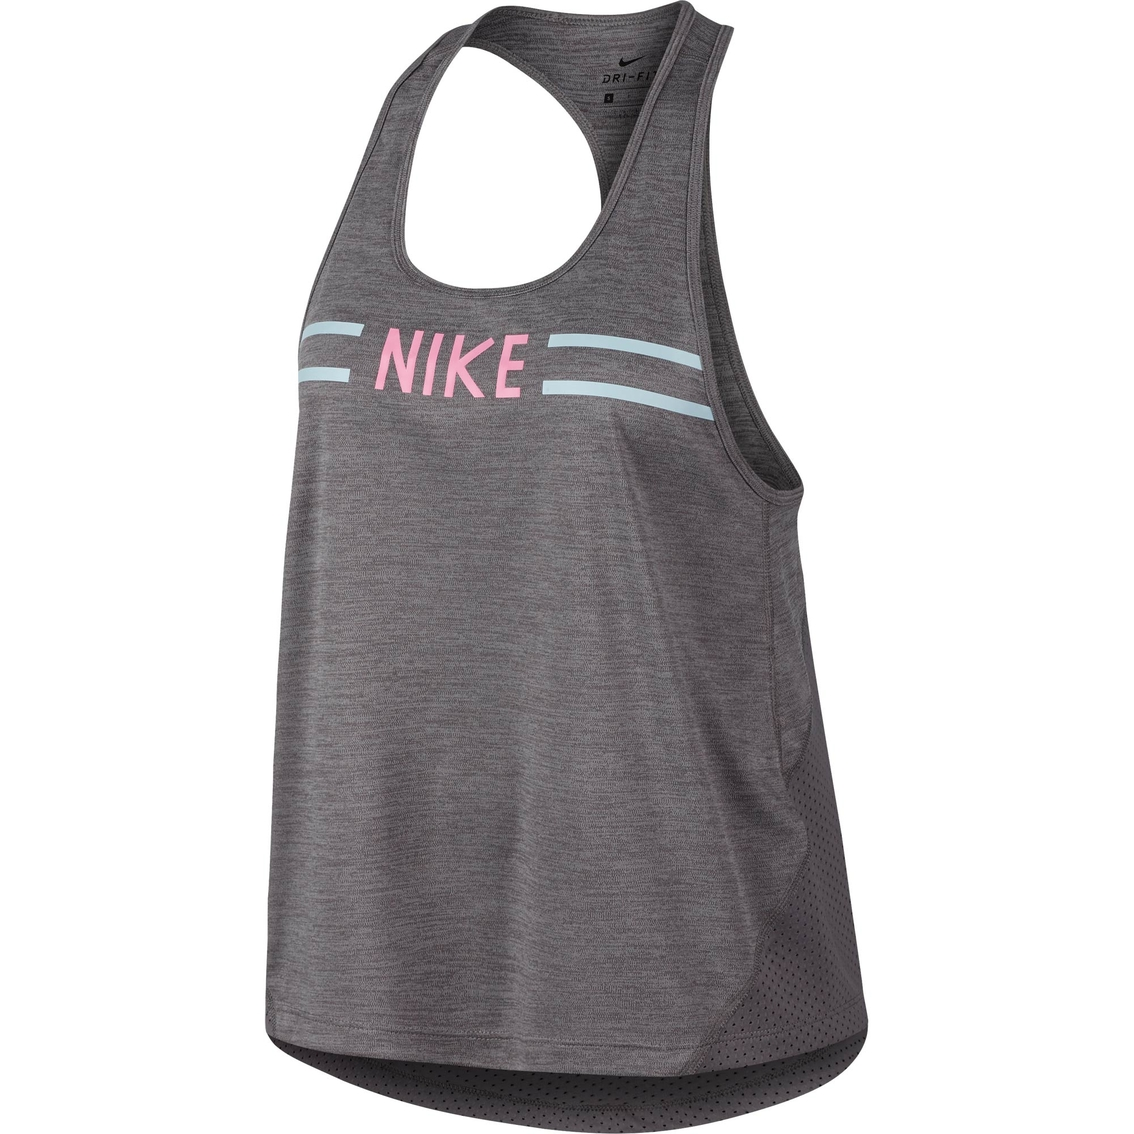 4c2a21e1cca Nike Miler Racer Hyper Femme Tank